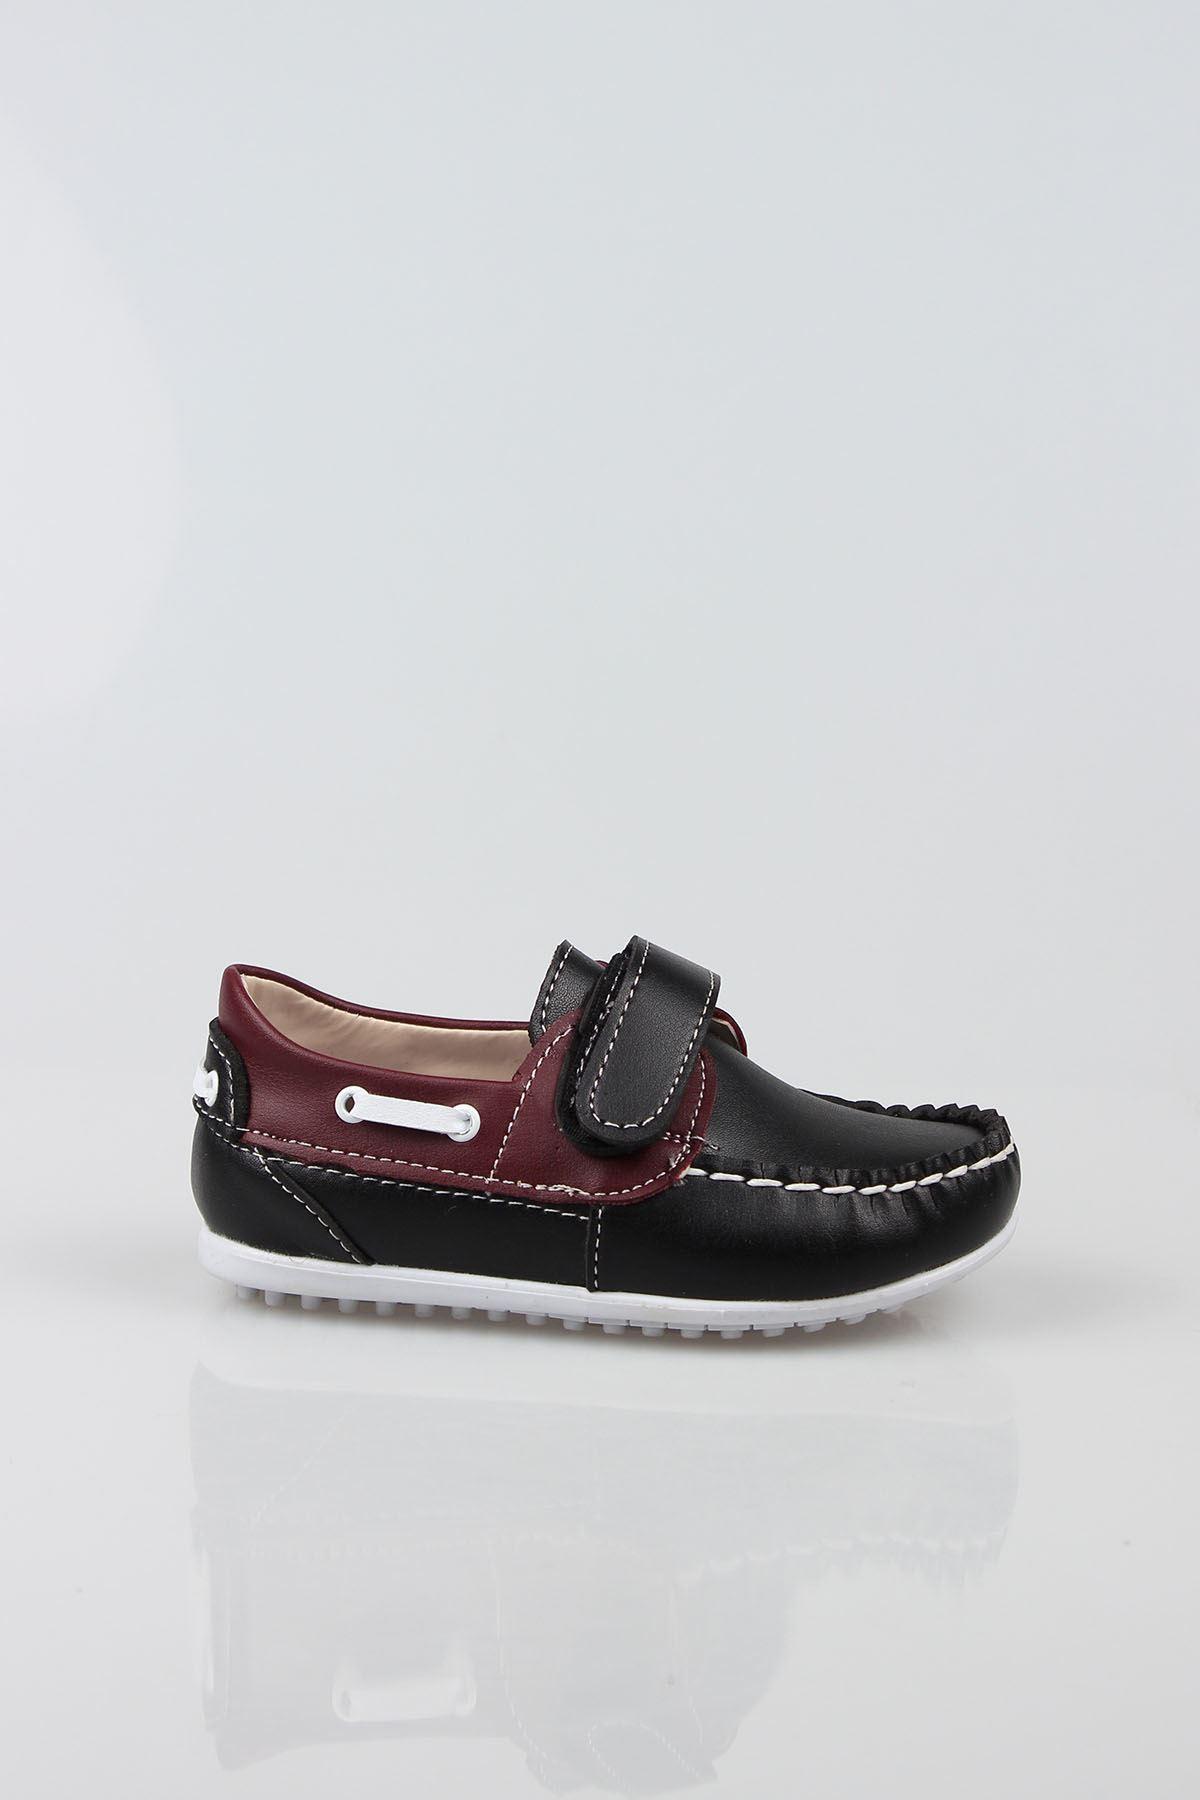 Siyaha Bordo Garnili Cırtlı Erkek Bebe Ayakkabı